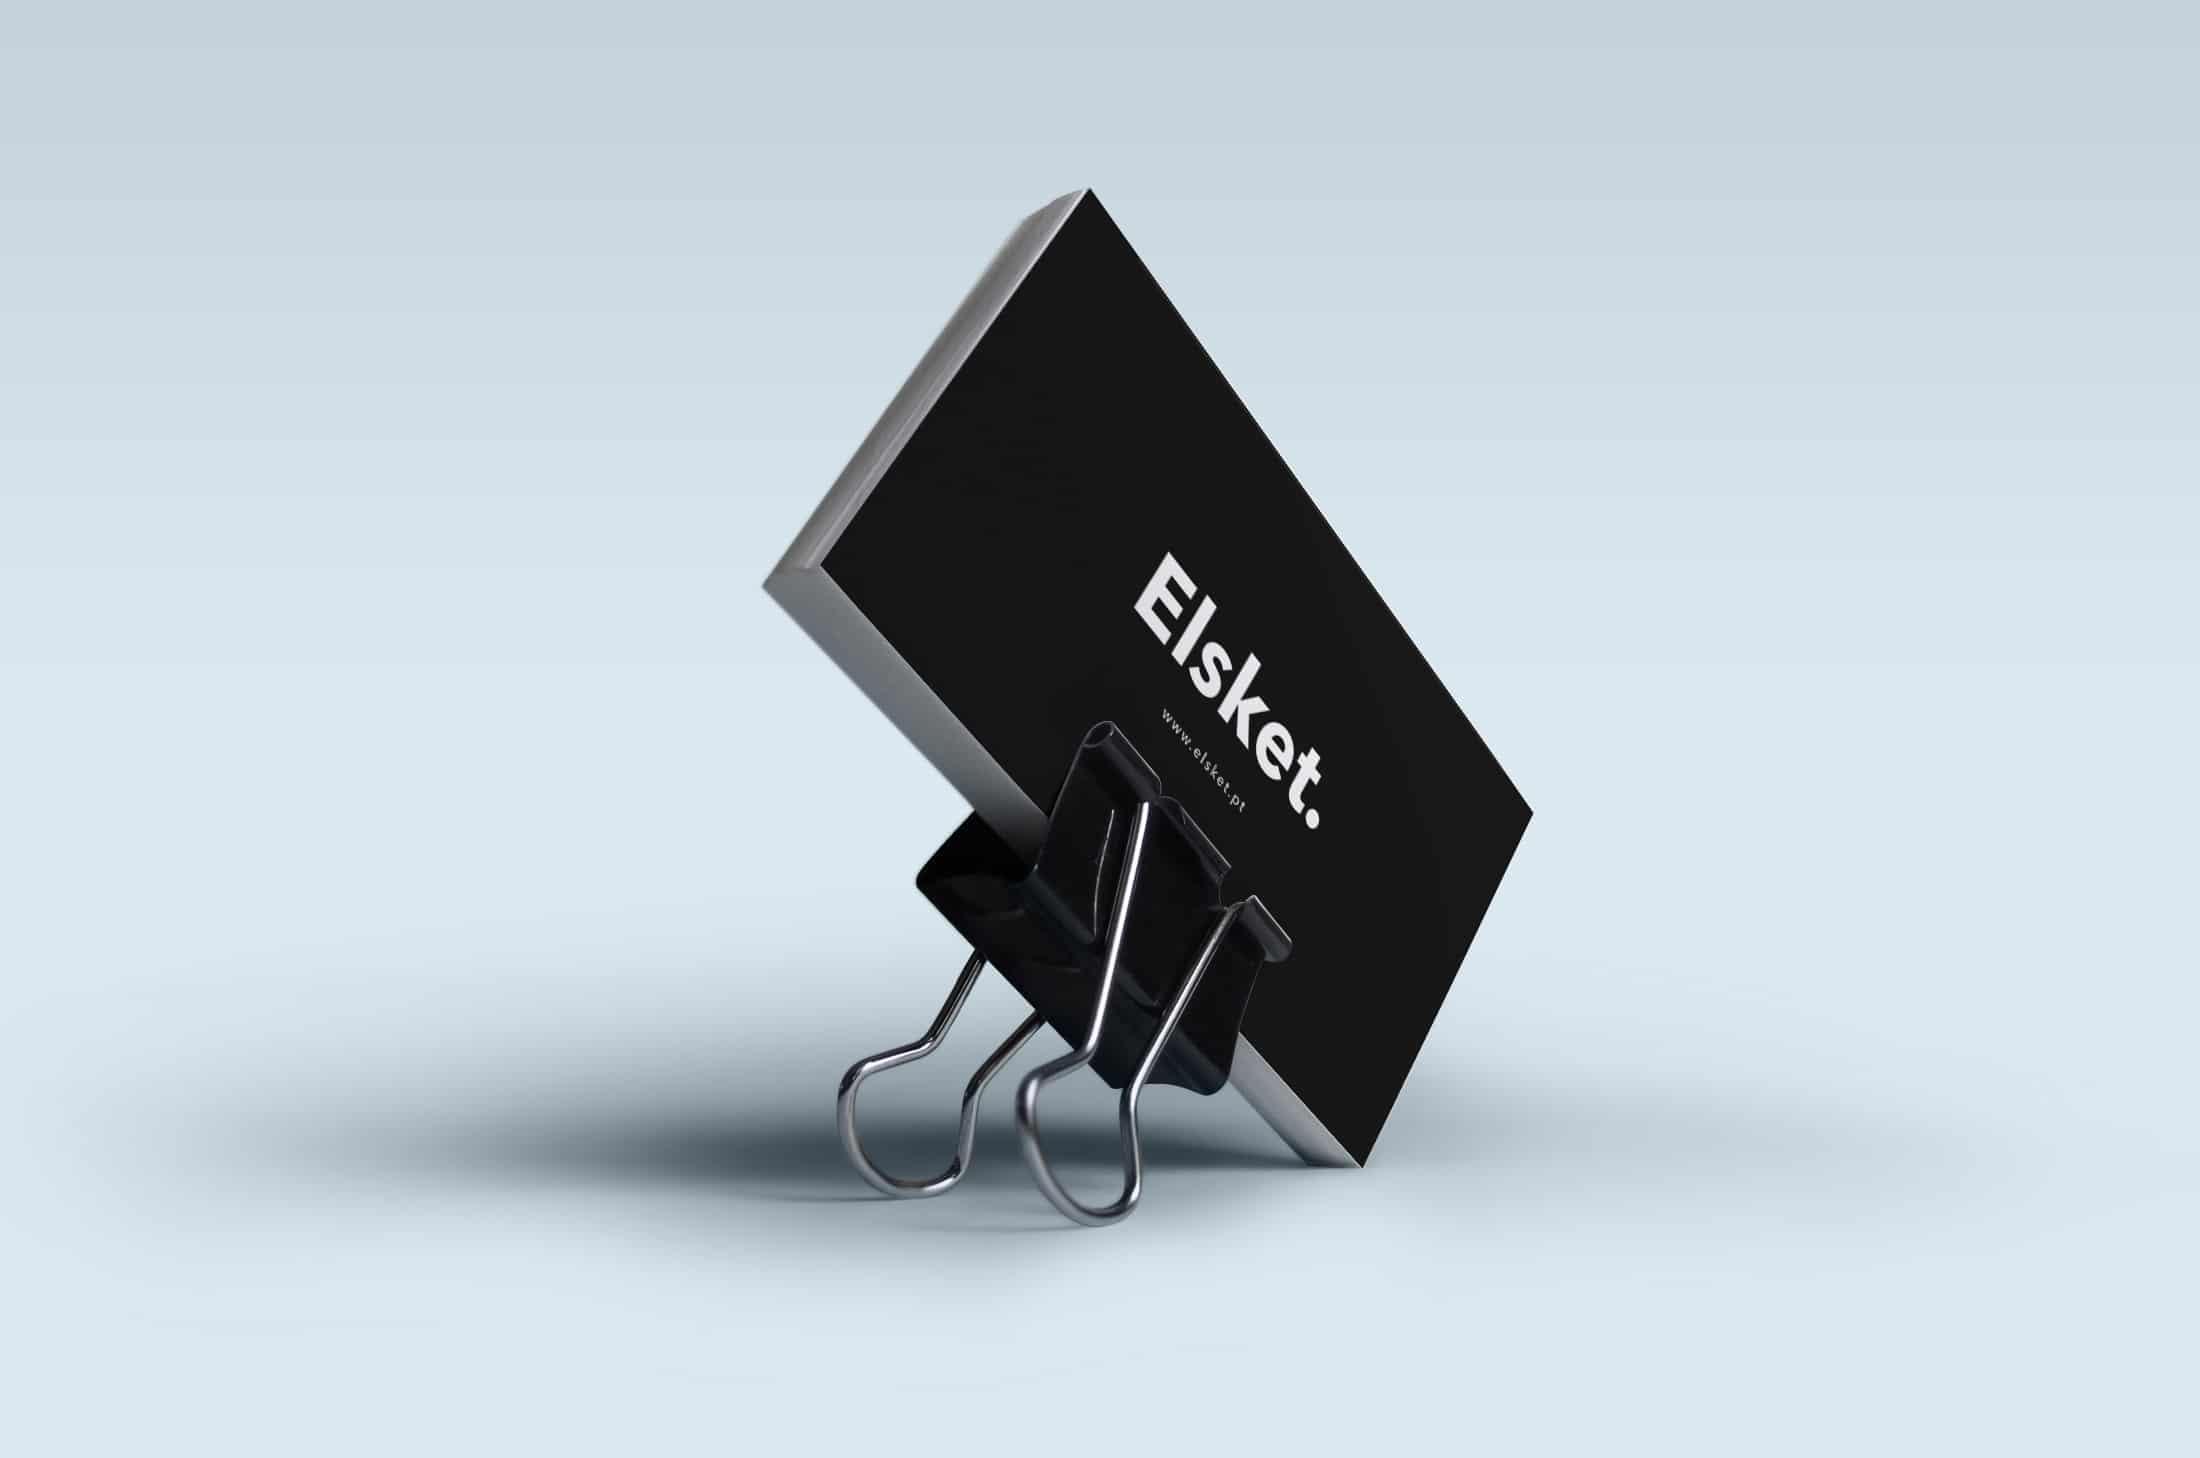 Elsket-Bcard